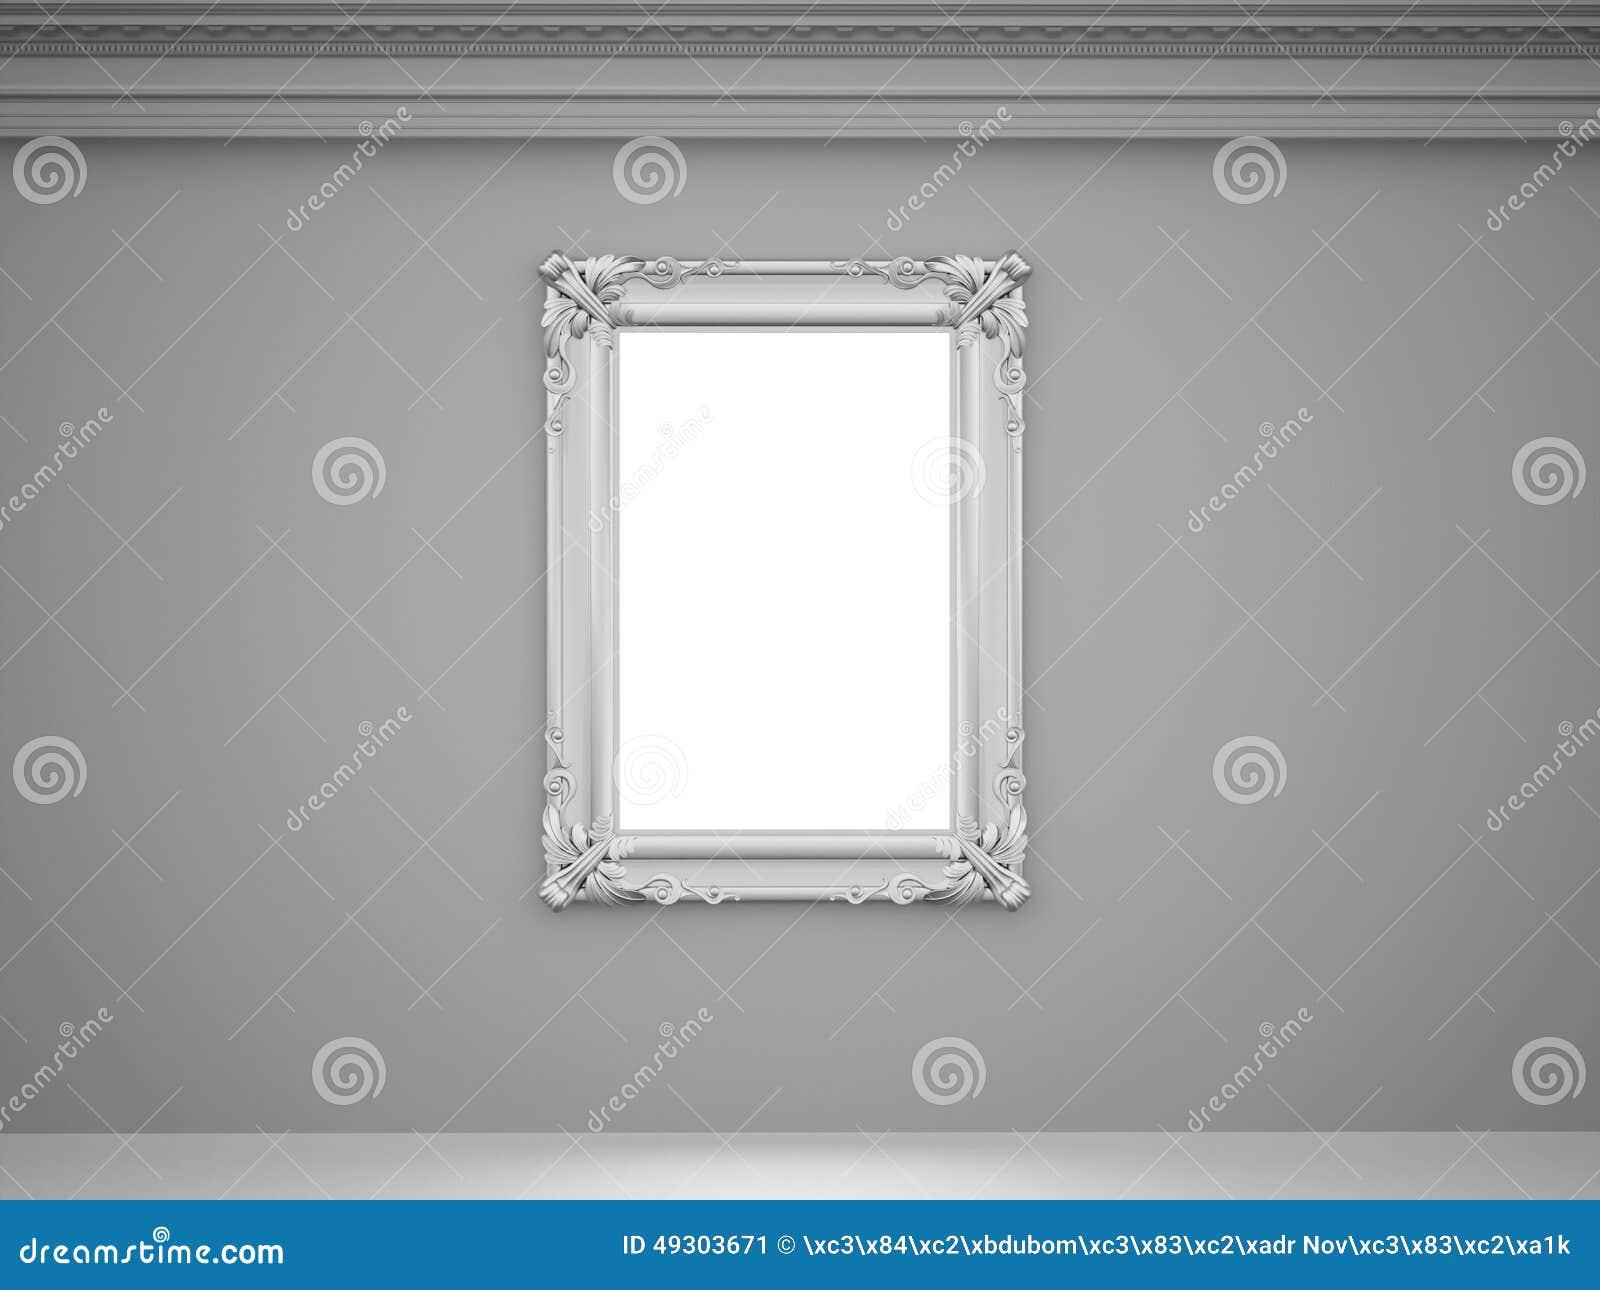 weinlesespiegel mit silbernem rahmen auf der wand stock abbildung bild 49303671. Black Bedroom Furniture Sets. Home Design Ideas